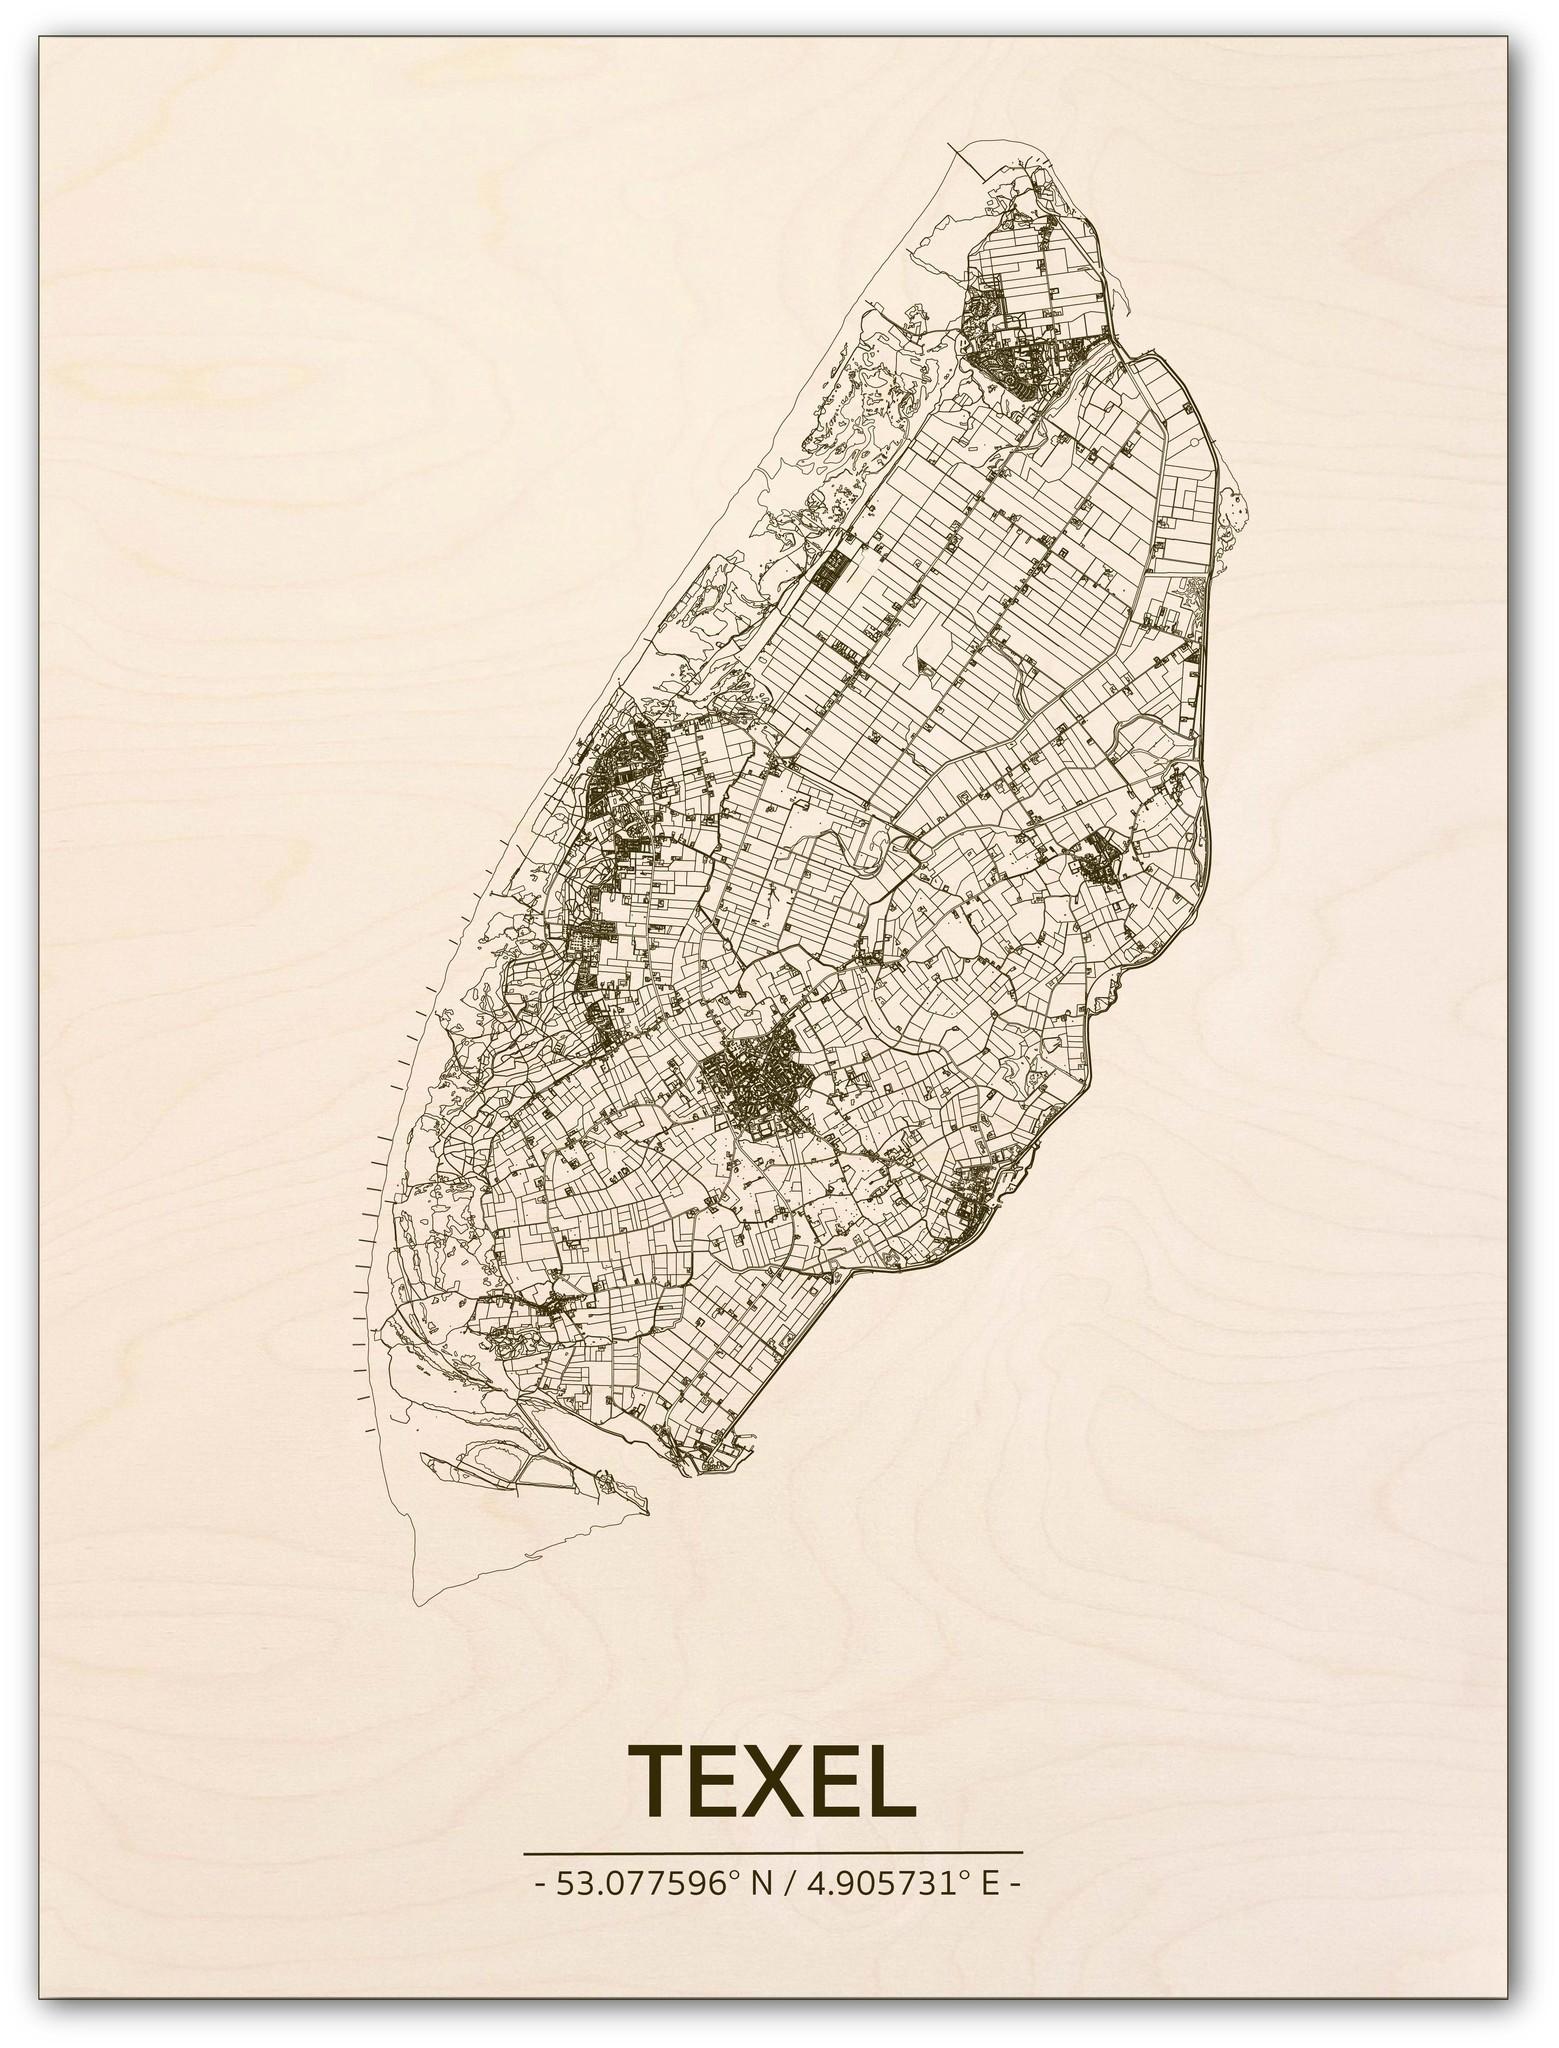 Stadtplan Texel | Wanddekoration Holz-1